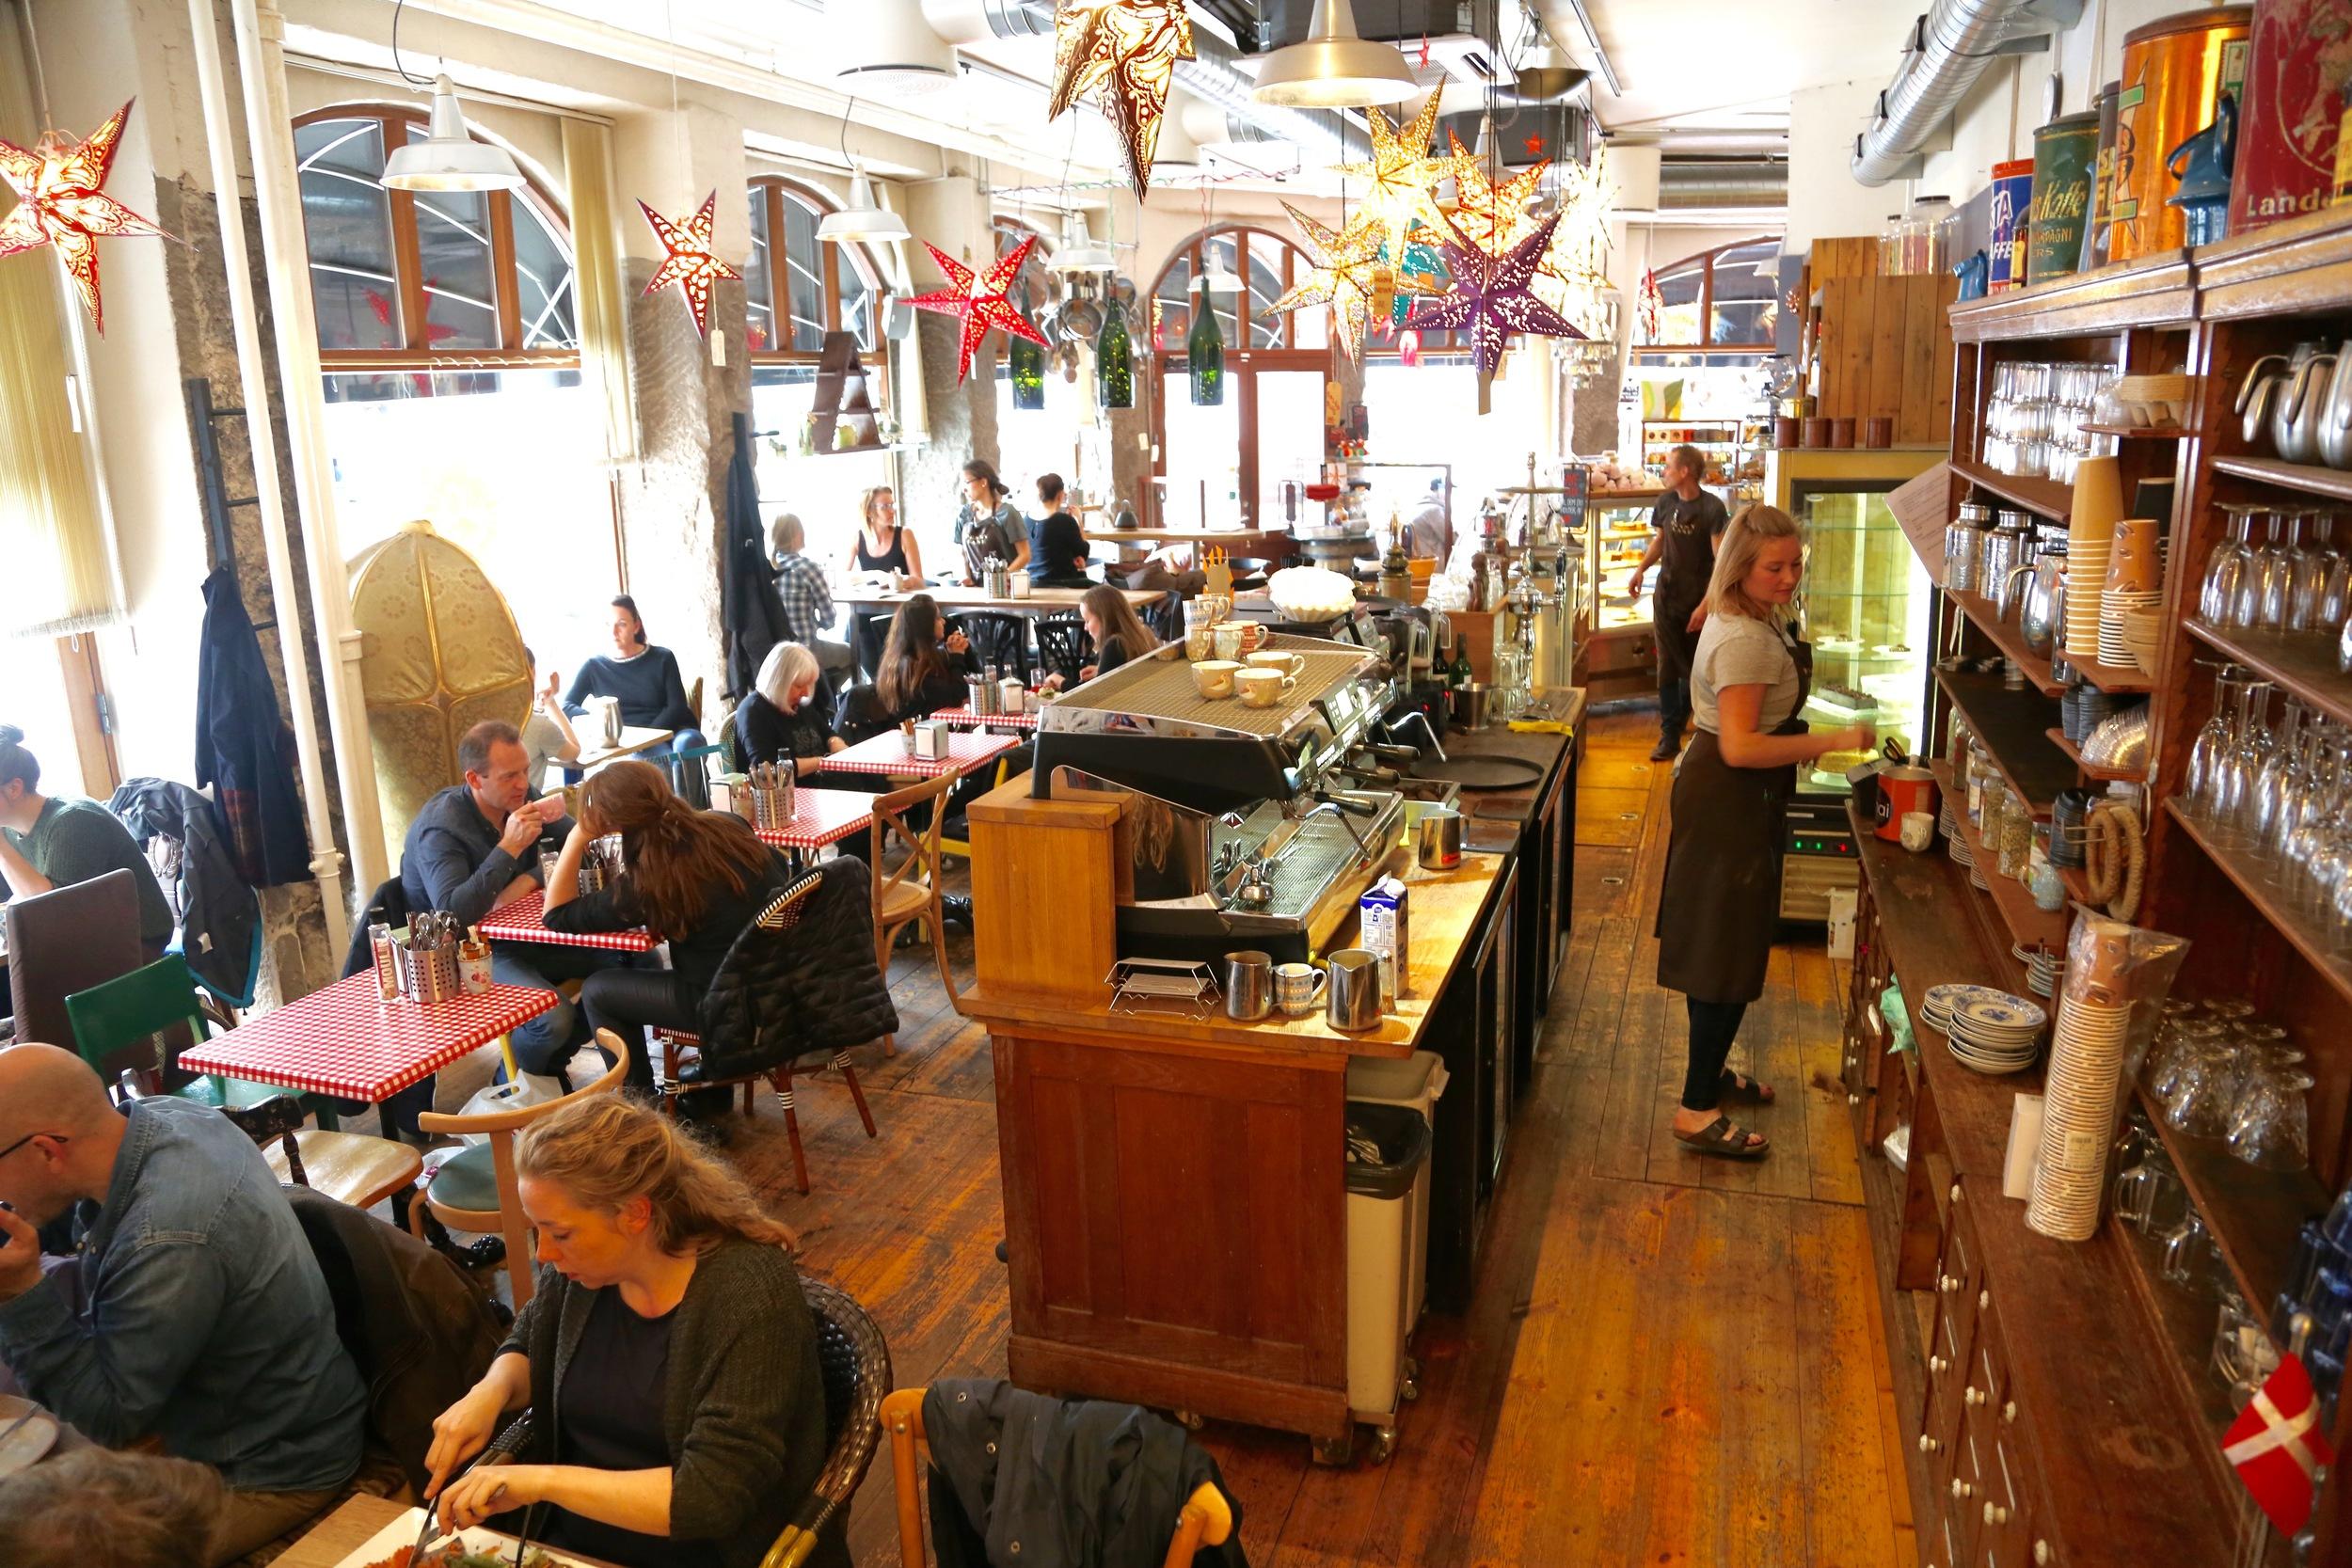 Penny Lane Café er en av byens populære spisesteder.               Foto: Odd Roar Lange